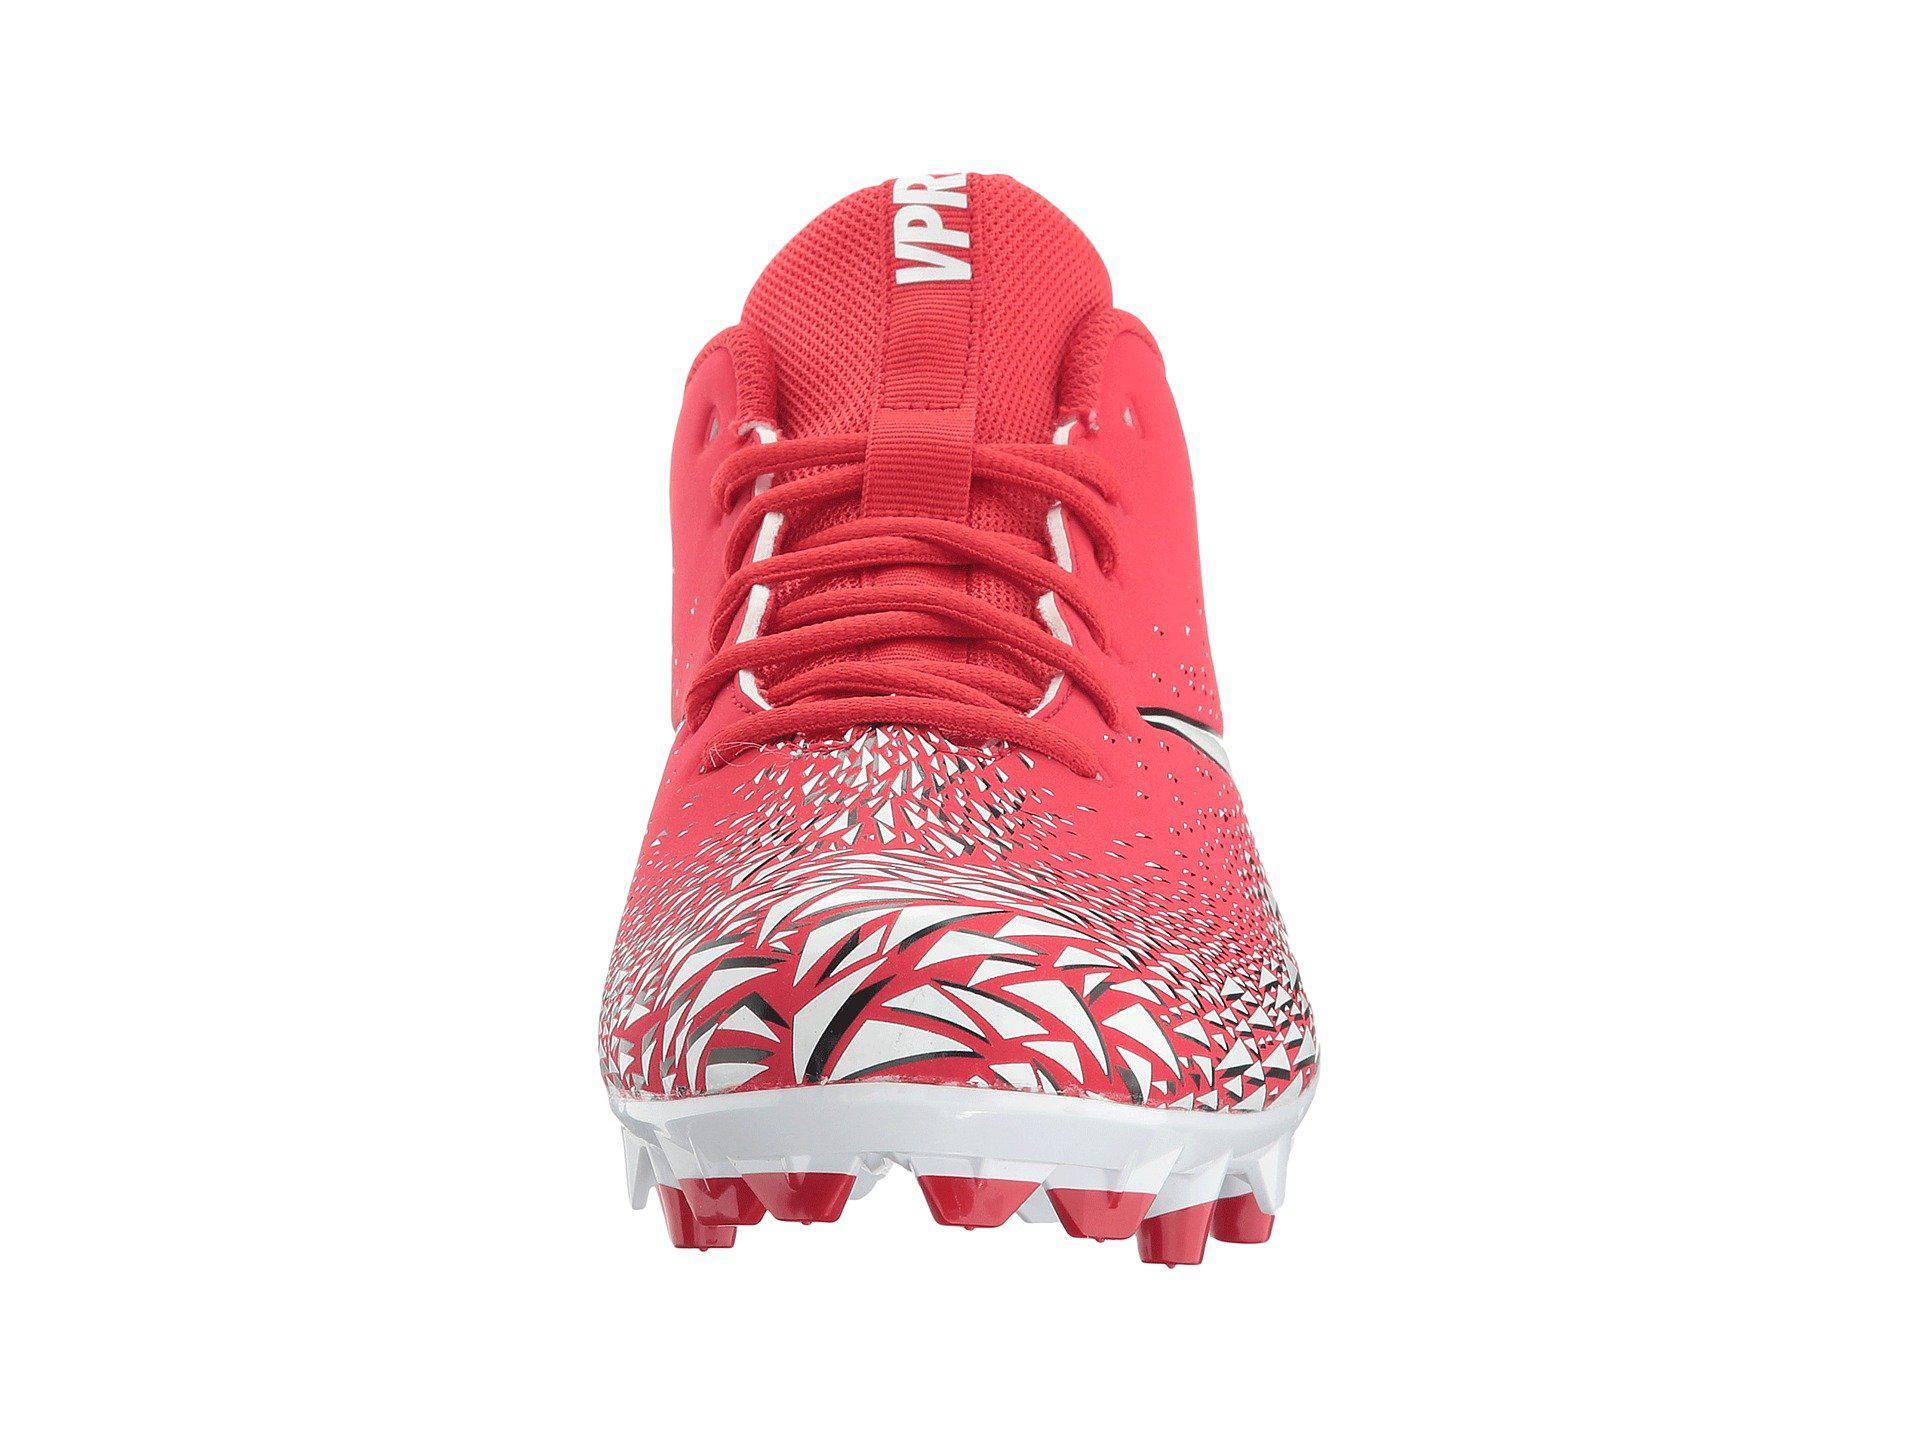 c14ec8240 Nike Vapor Varsity Low Td in Red for Men - Lyst